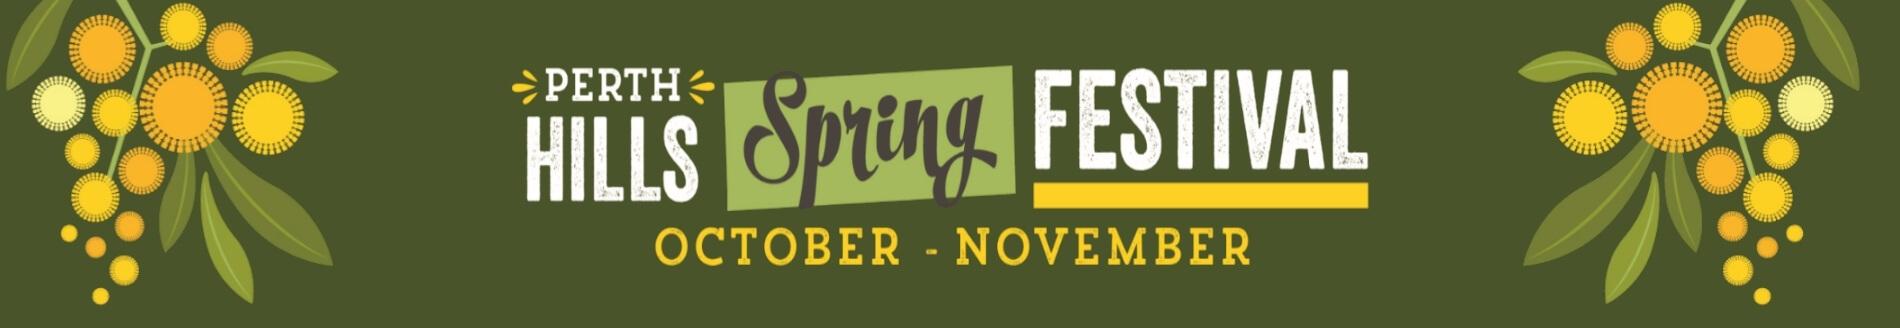 Perth Hill Spring Festival